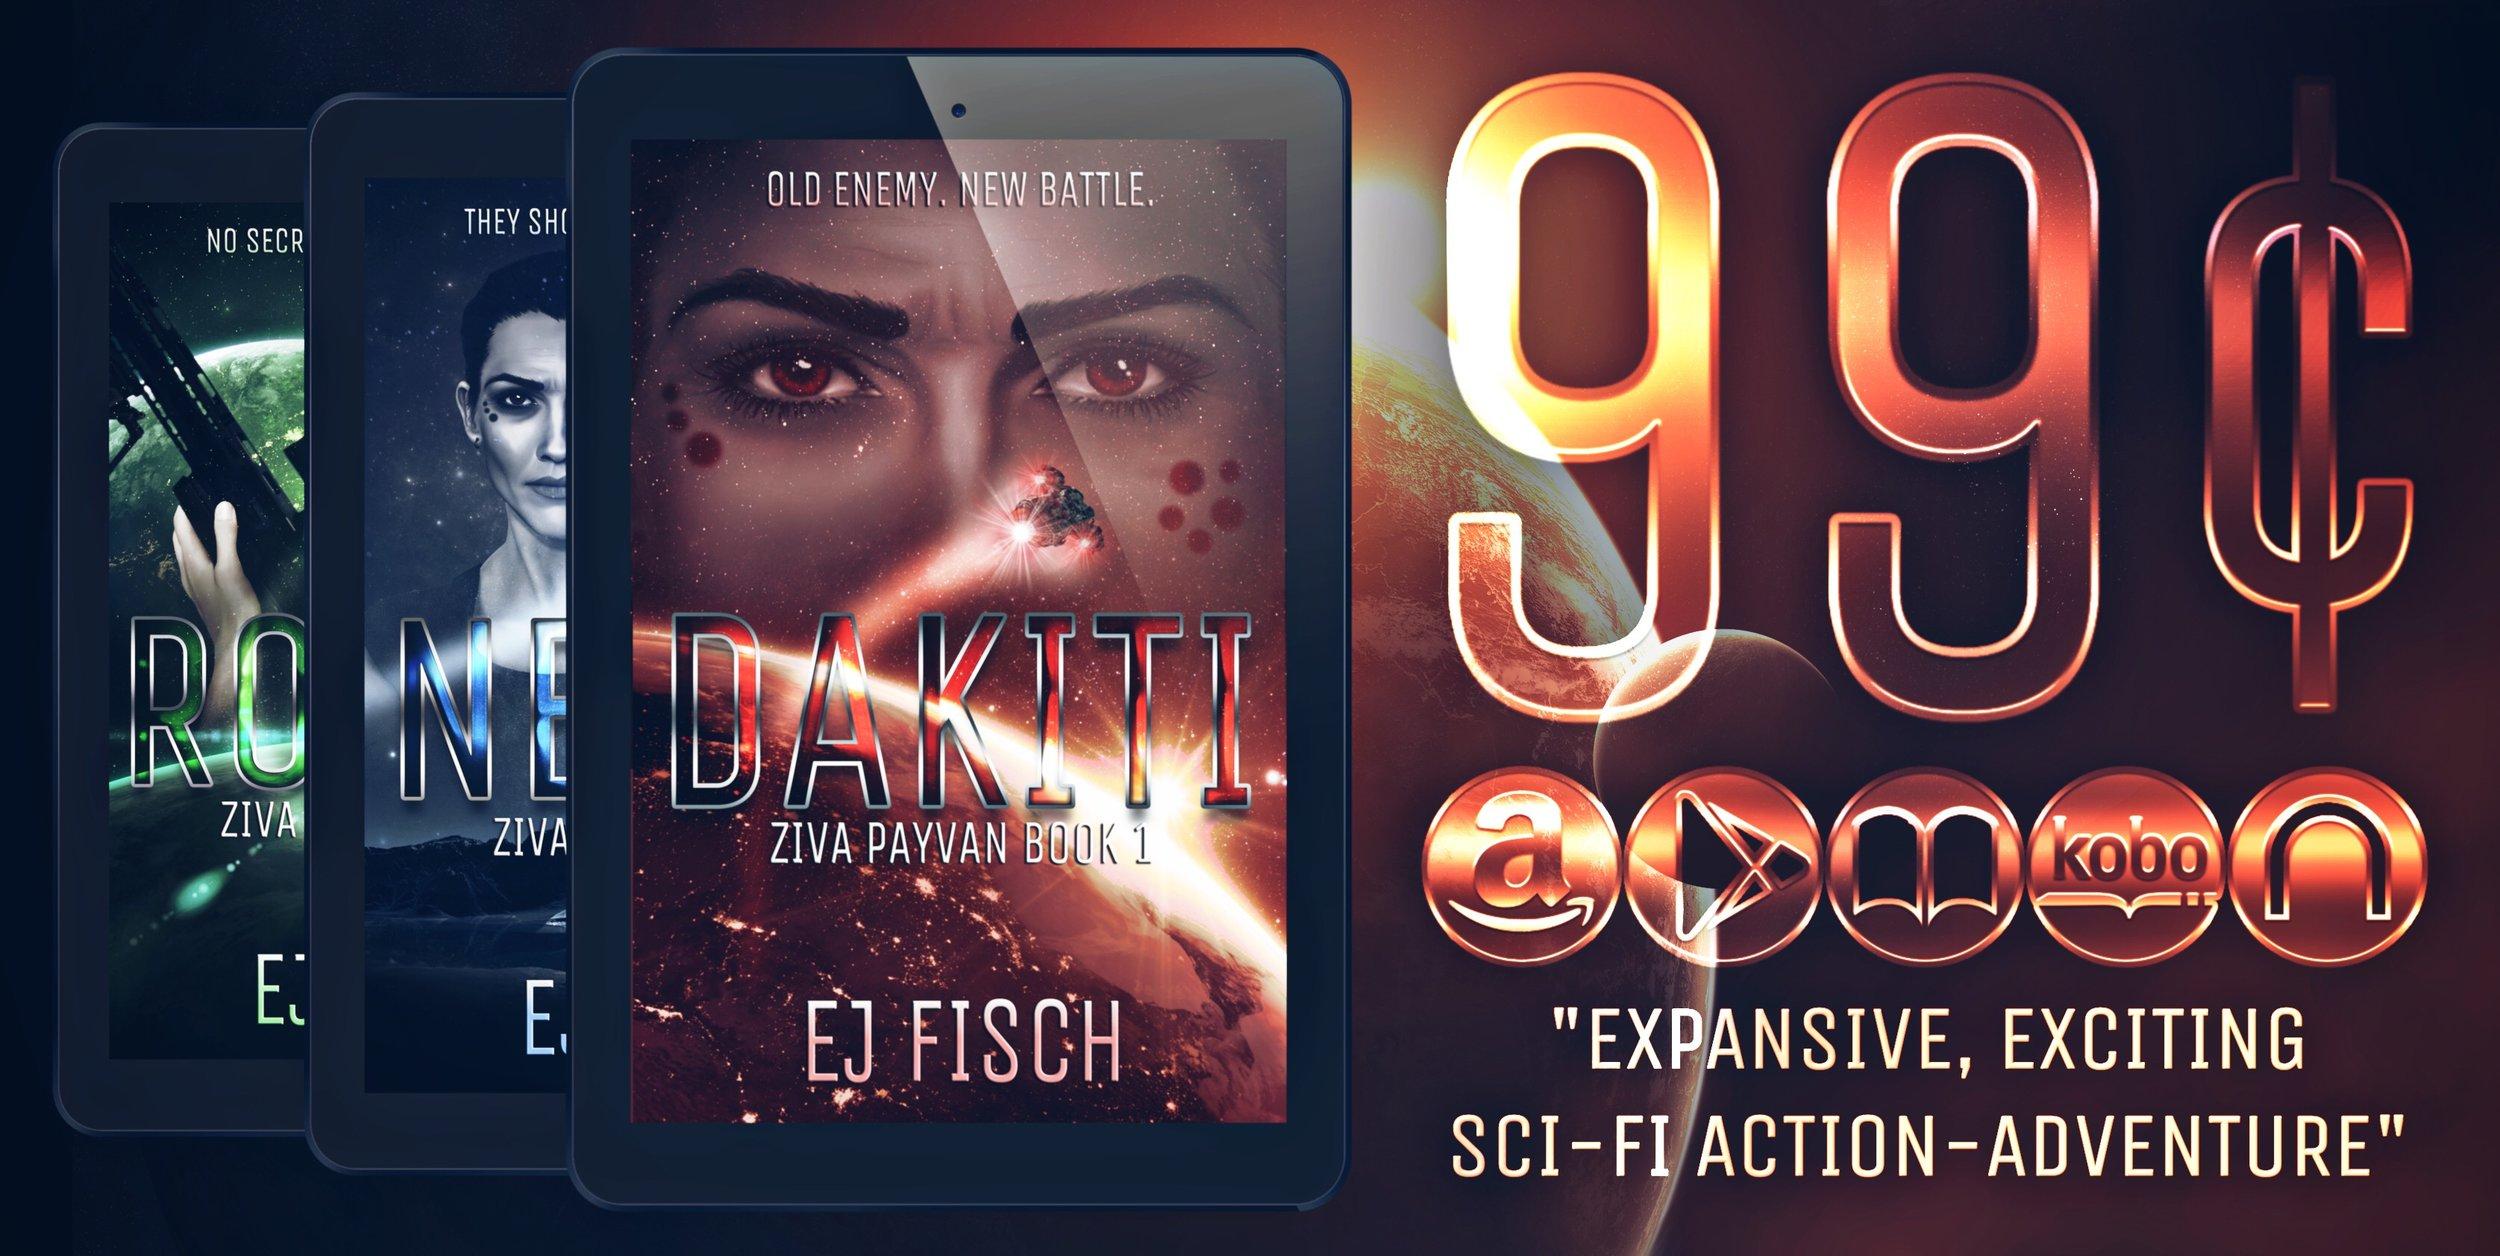 bookbub_deal_final.JPEG